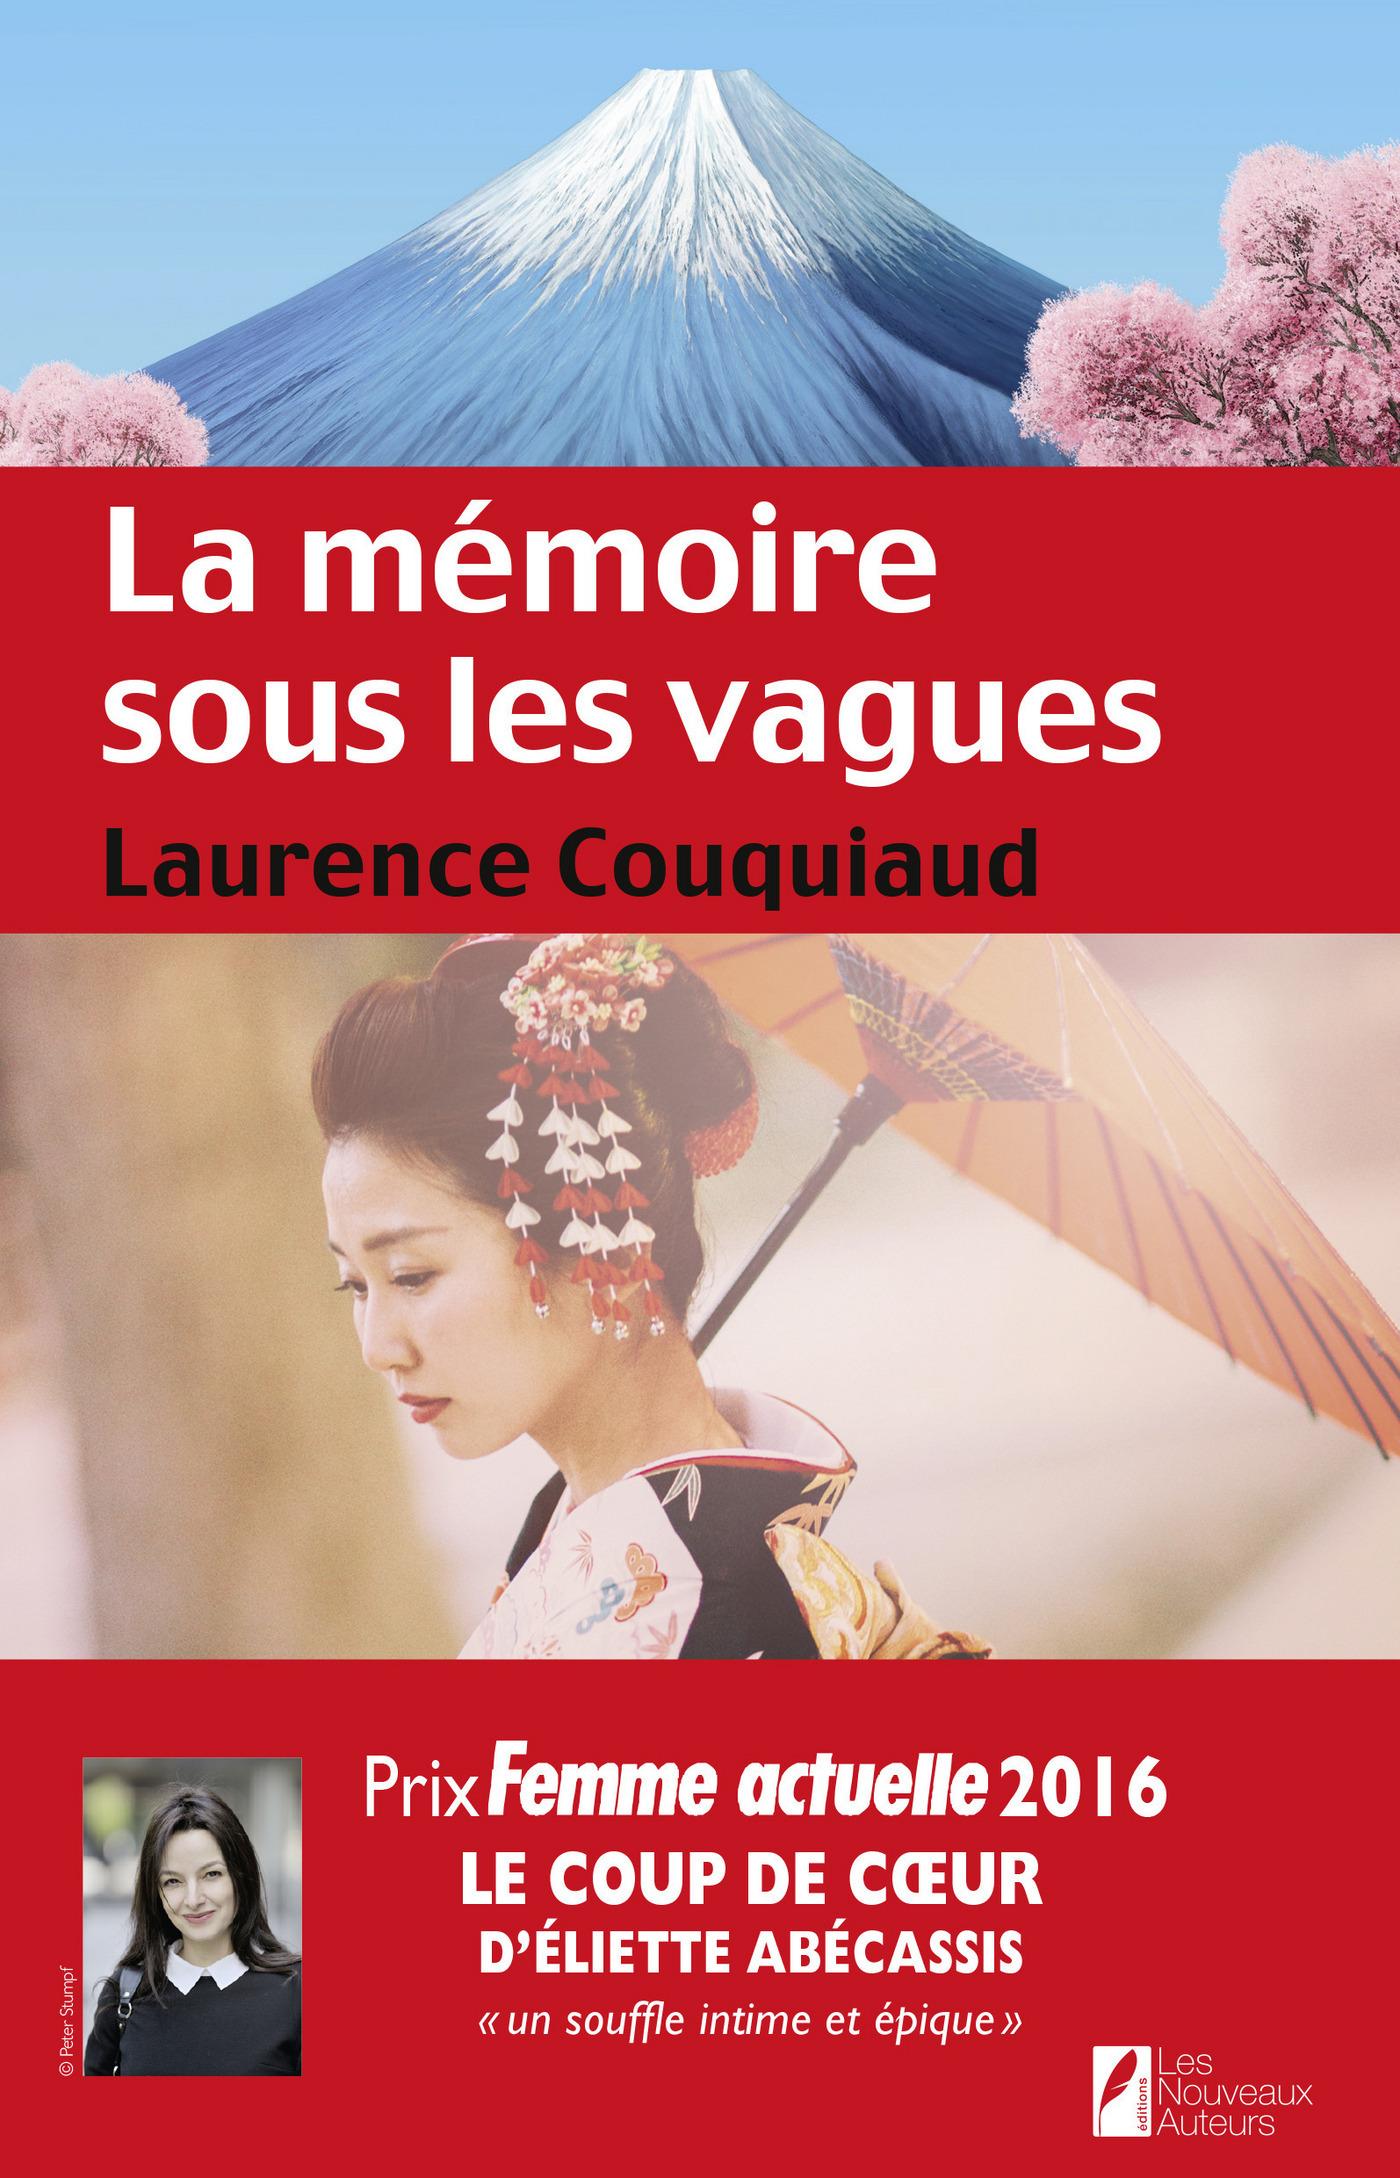 La mémoire sous les vagues. Coup de coeur Eliette Abécassis. Prix Femme Actuelle 2016, LA MÉMOIRE SOUS LES VAGUES